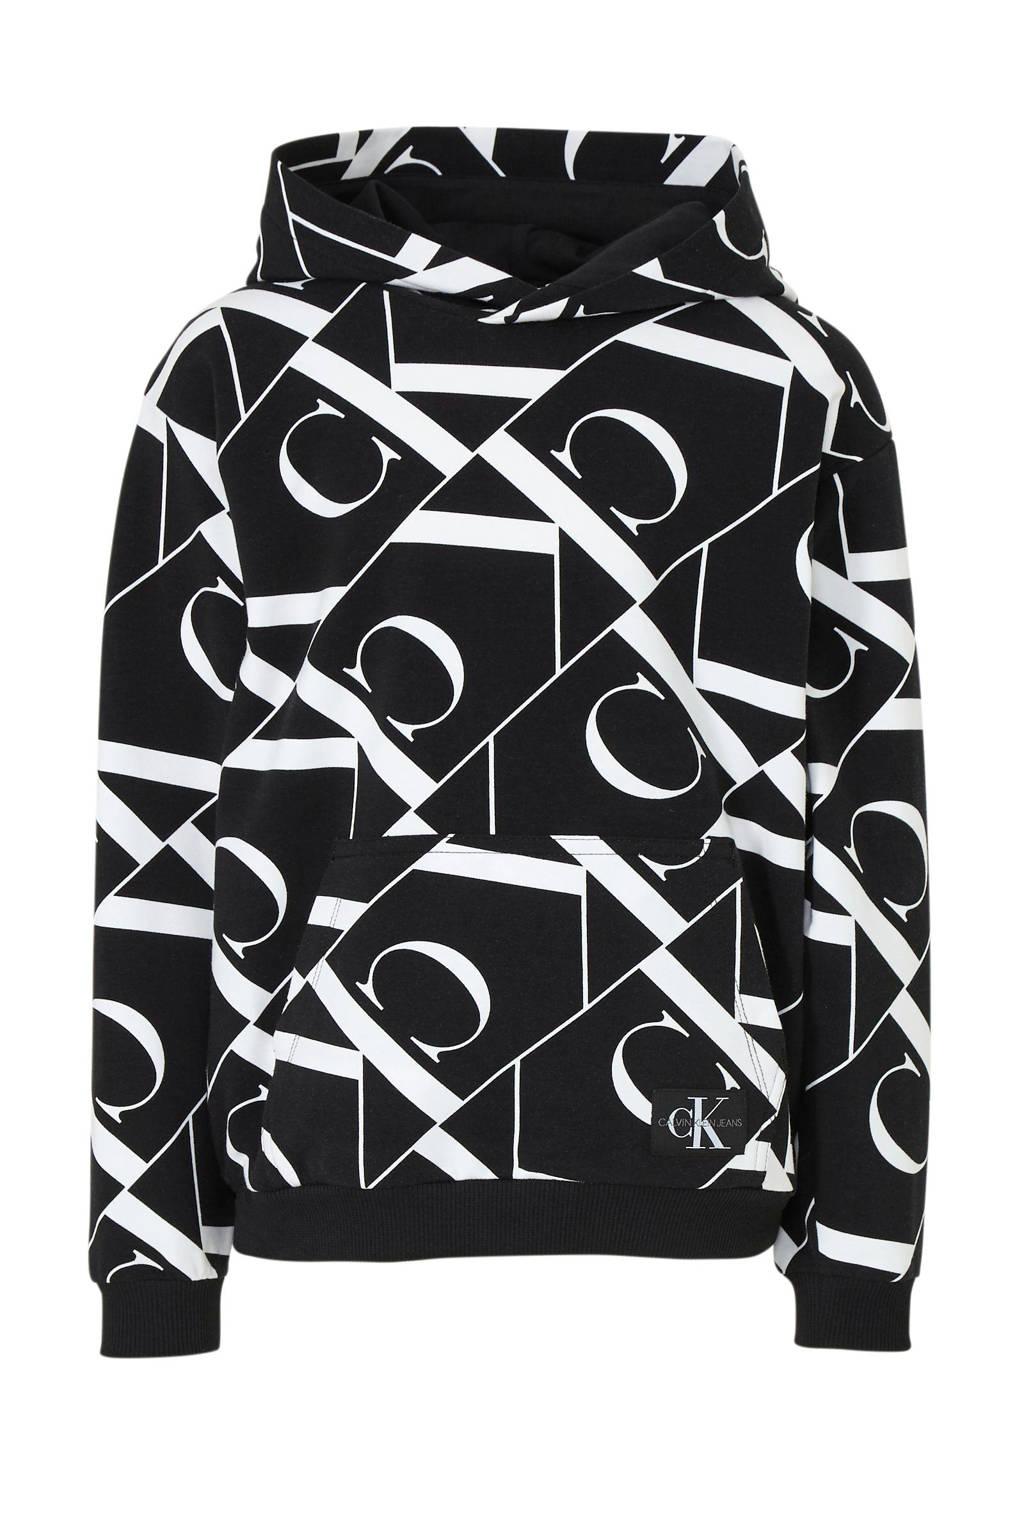 CALVIN KLEIN JEANS hoodie met all over print zwart, Zwart